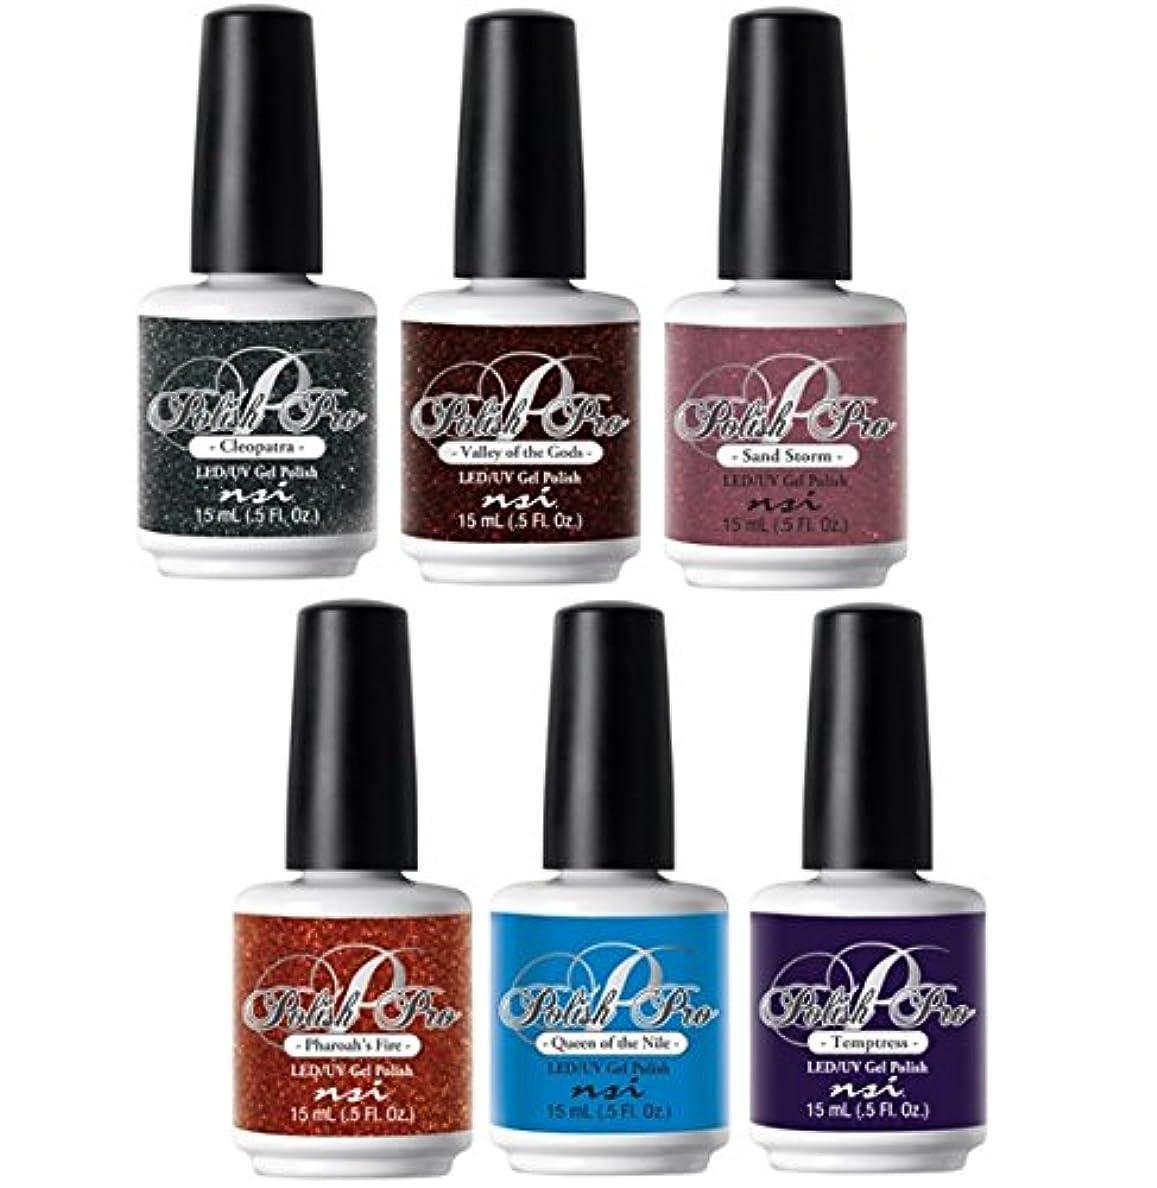 気分が良い言い換えると姉妹NSI Polish Pro Gel Polish - Egyptian Goddess Collection - All 6 Colors - 15 ml/0.5 oz Each